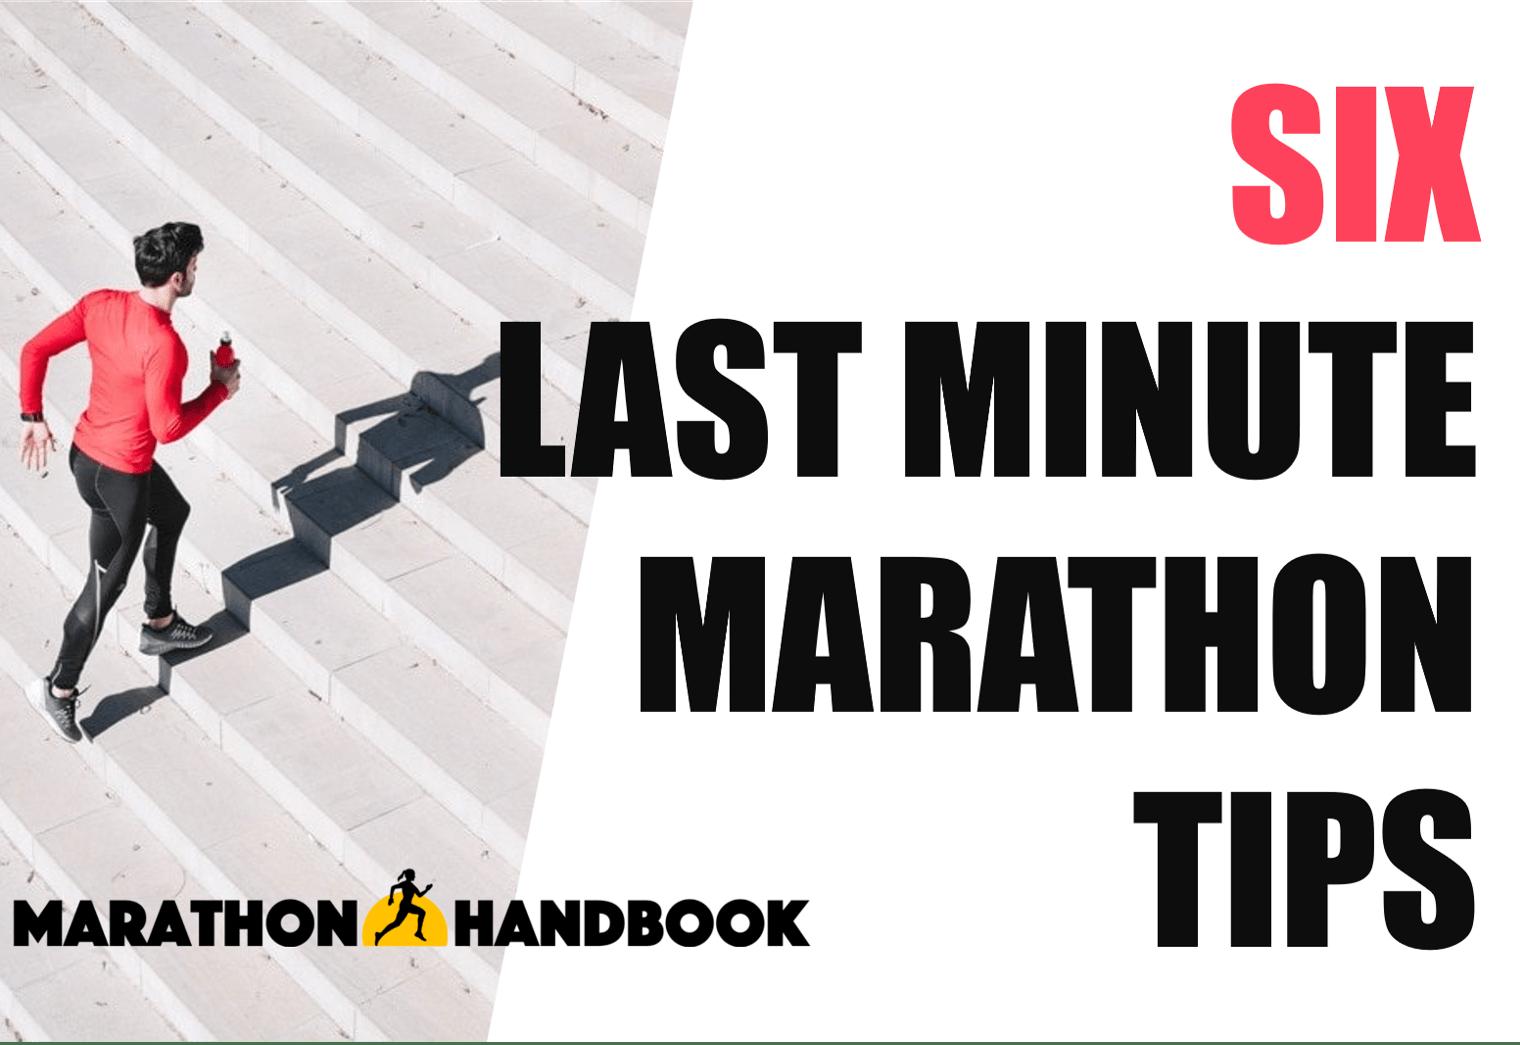 Six Last Minute Marathon Tips